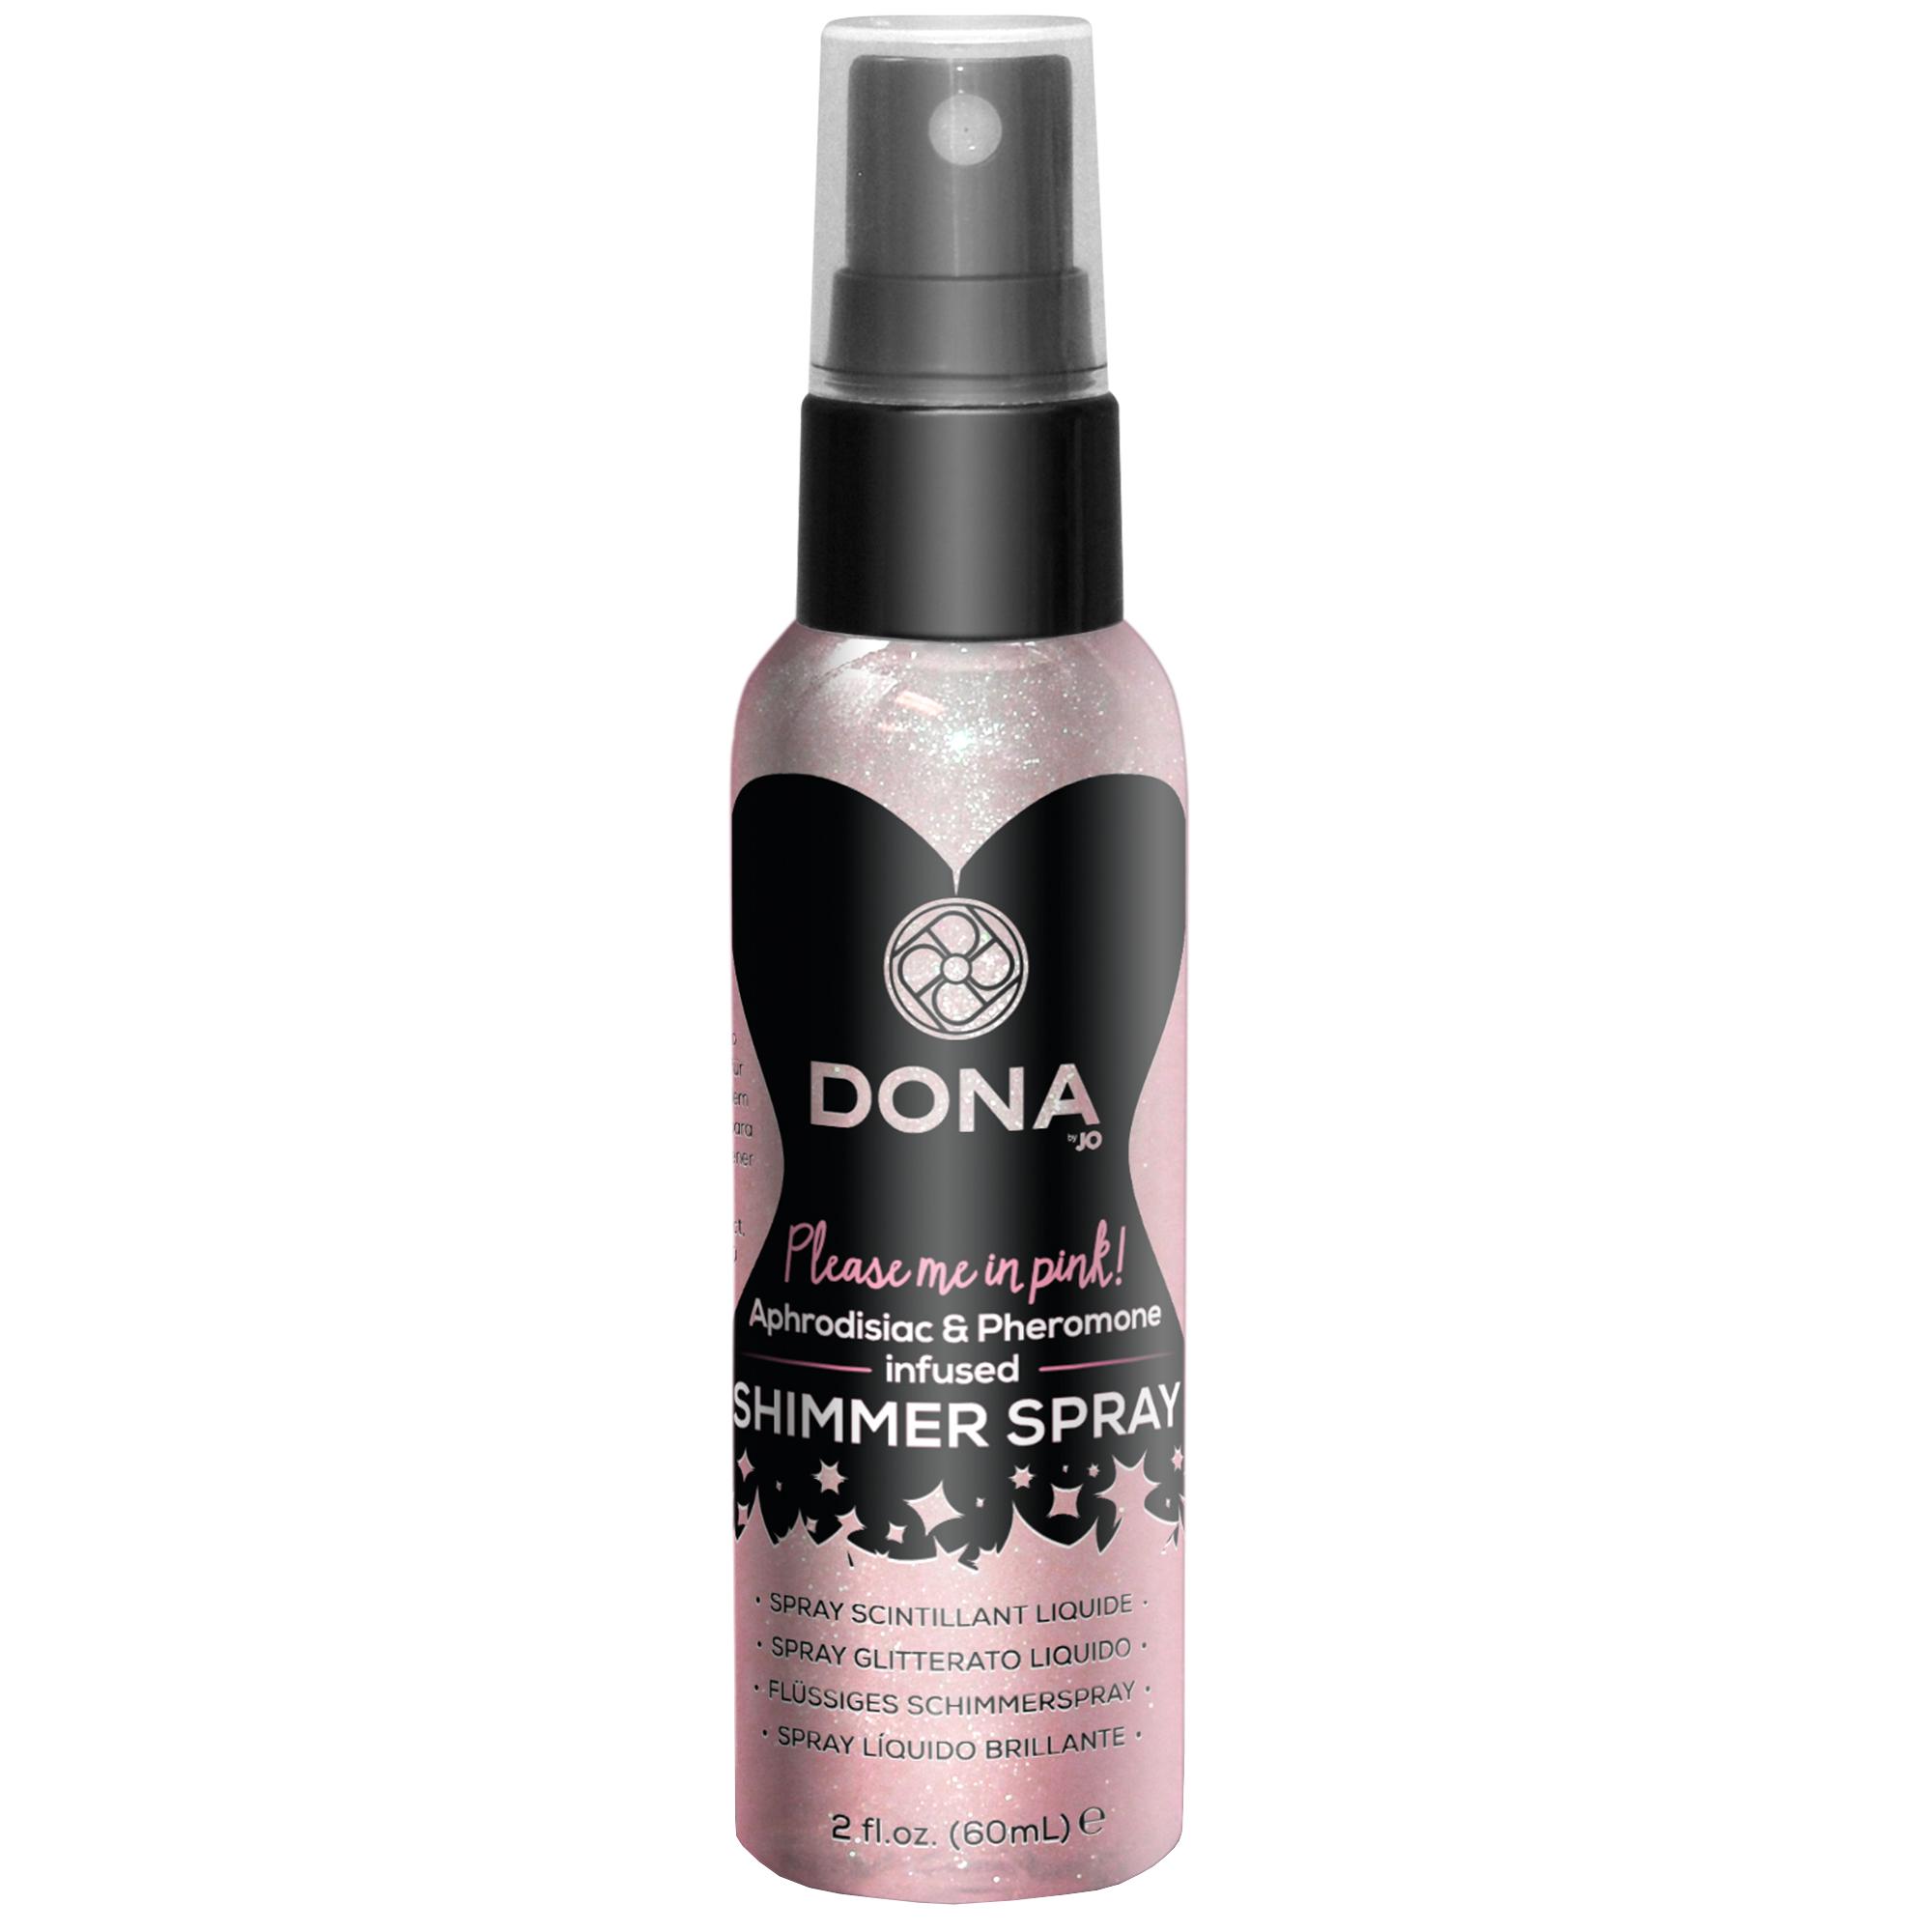 Dona shimmer spray - pink   Apotek, Lustökande & fördröjande, Lustökande   Intimast.se - Sexleksaker